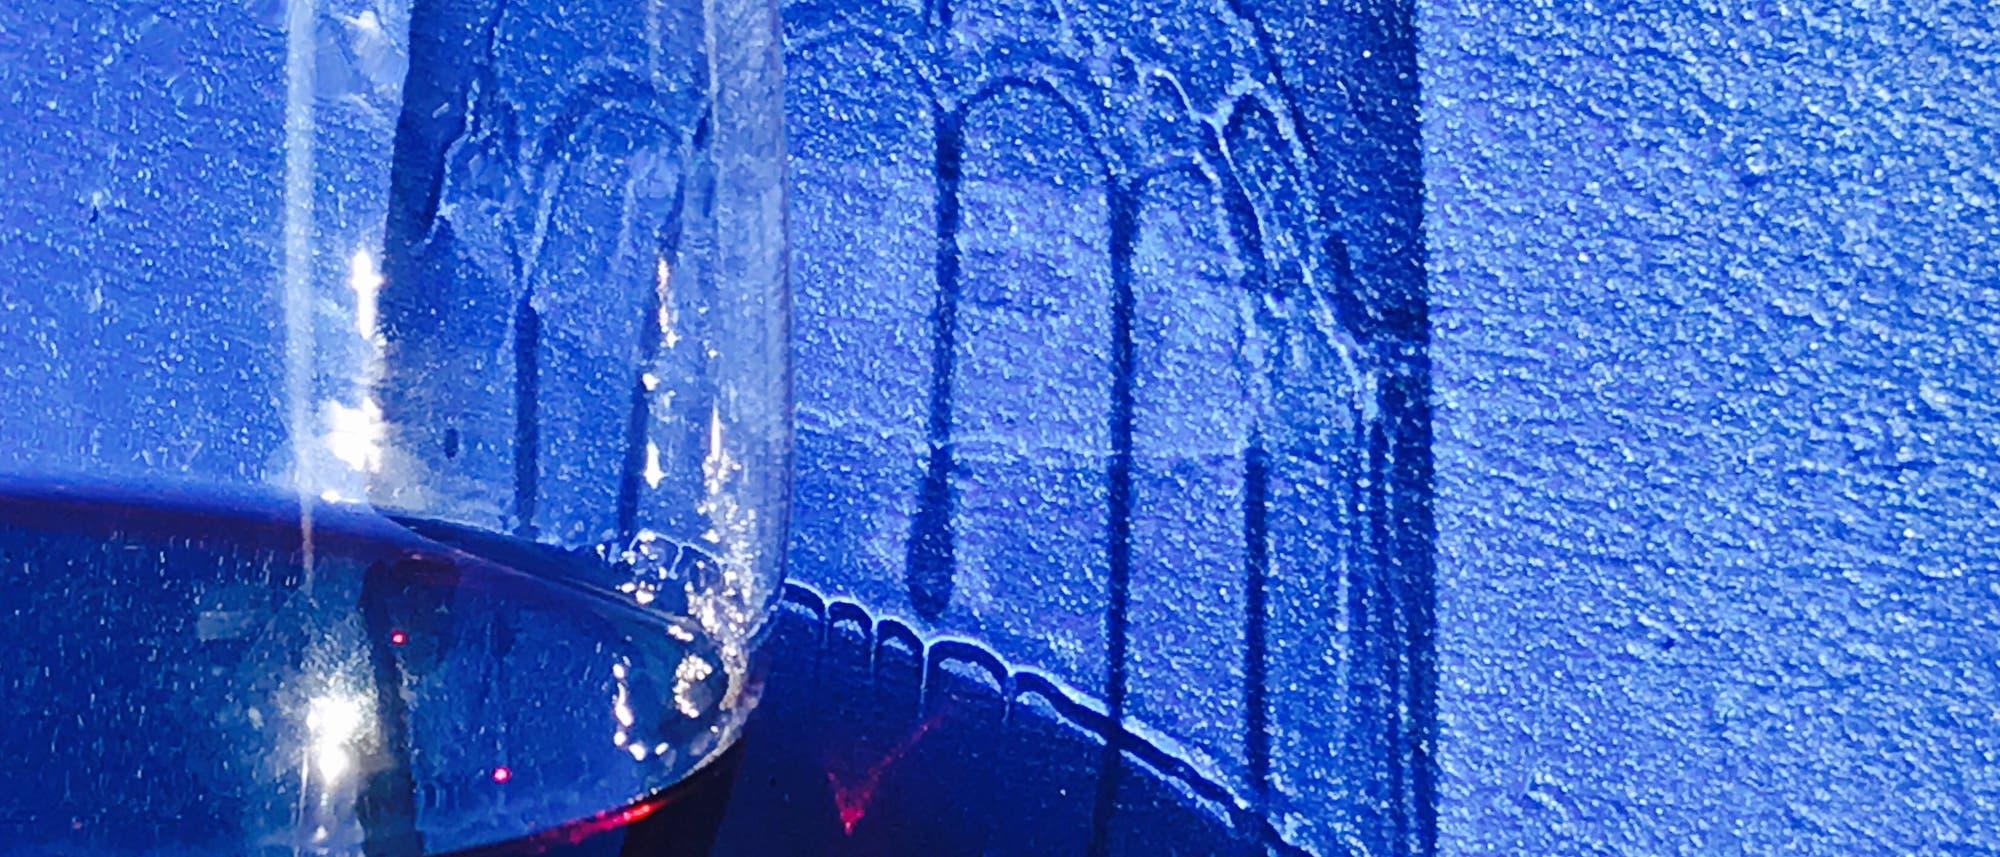 Schatten der Weintränen uf blauem Hintergrund.